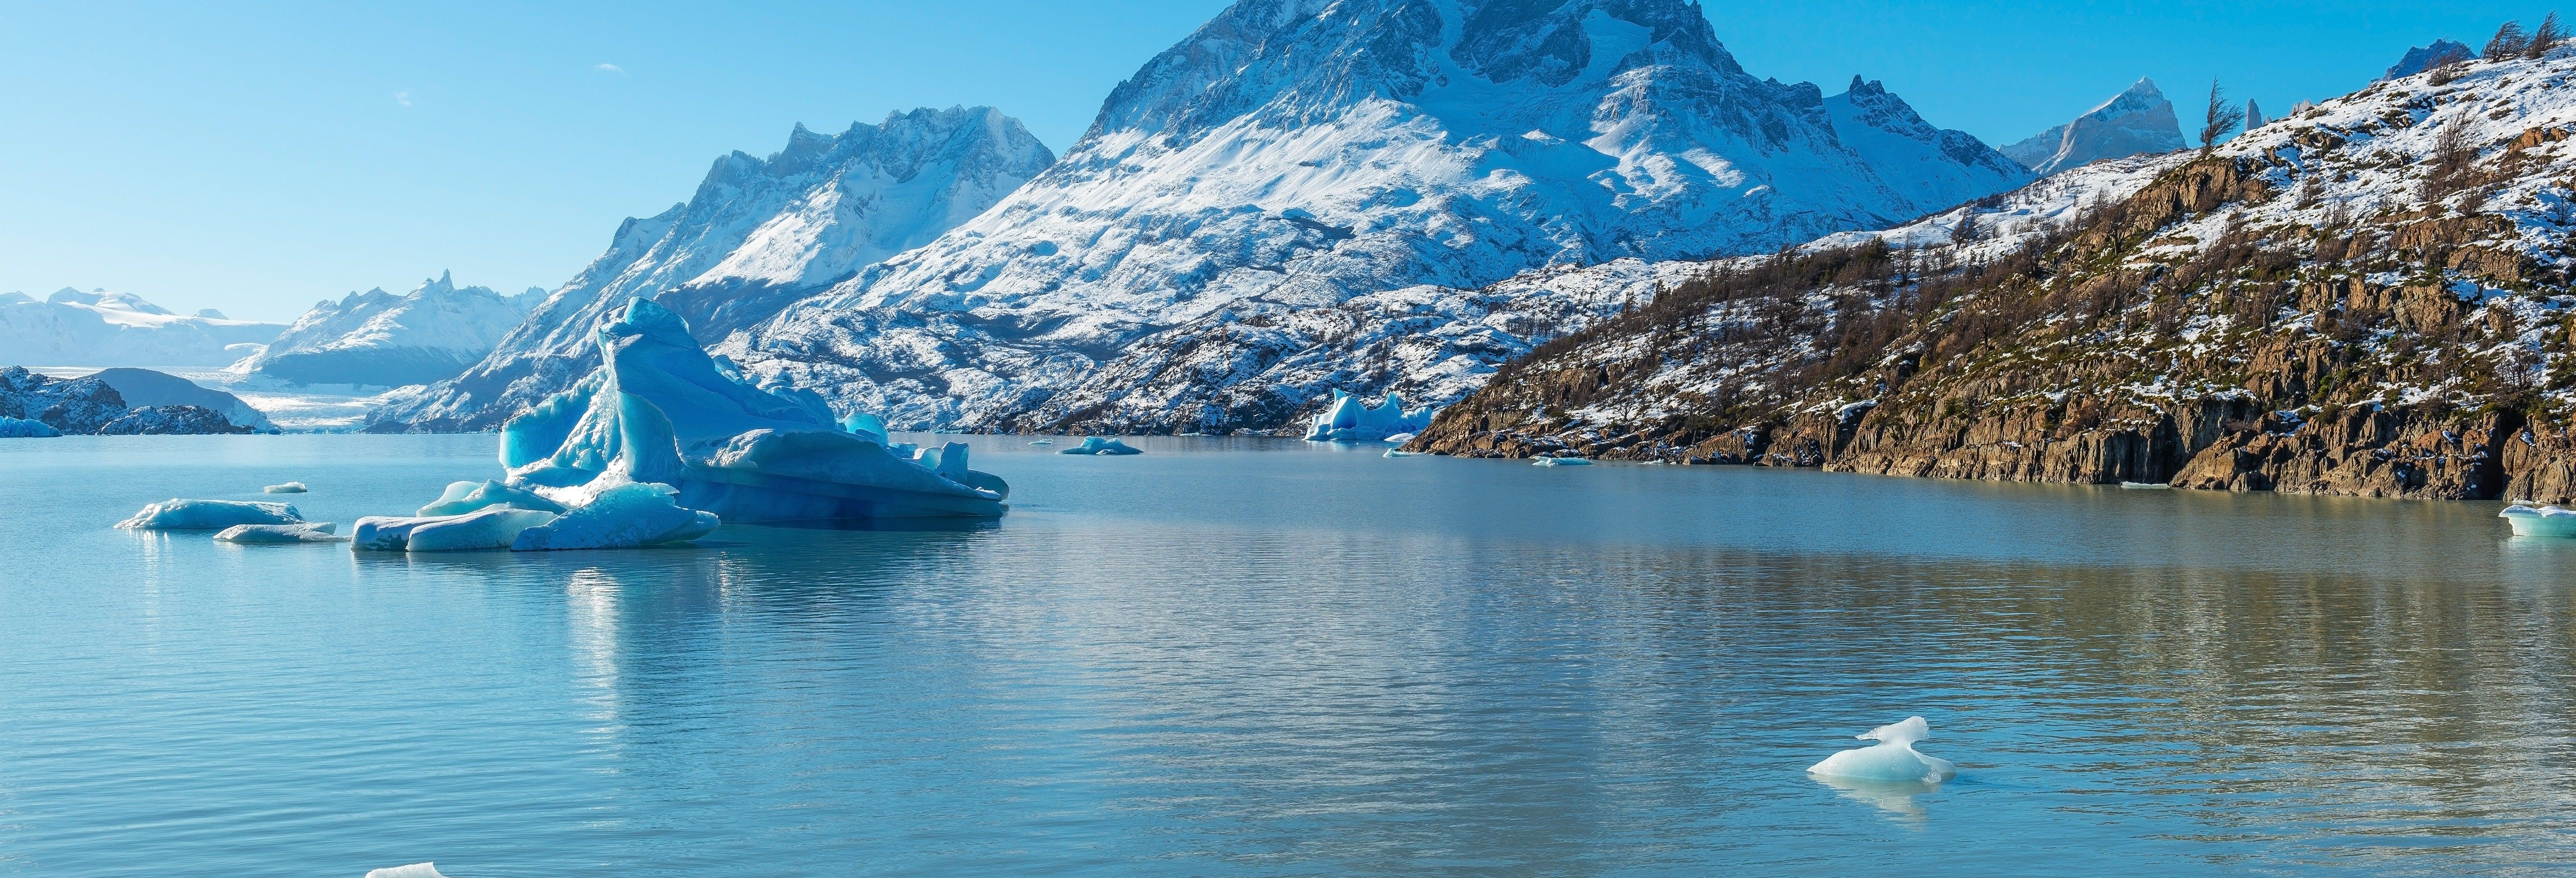 Excursión a Torres del Paine + Paseo en barco por el lago Grey